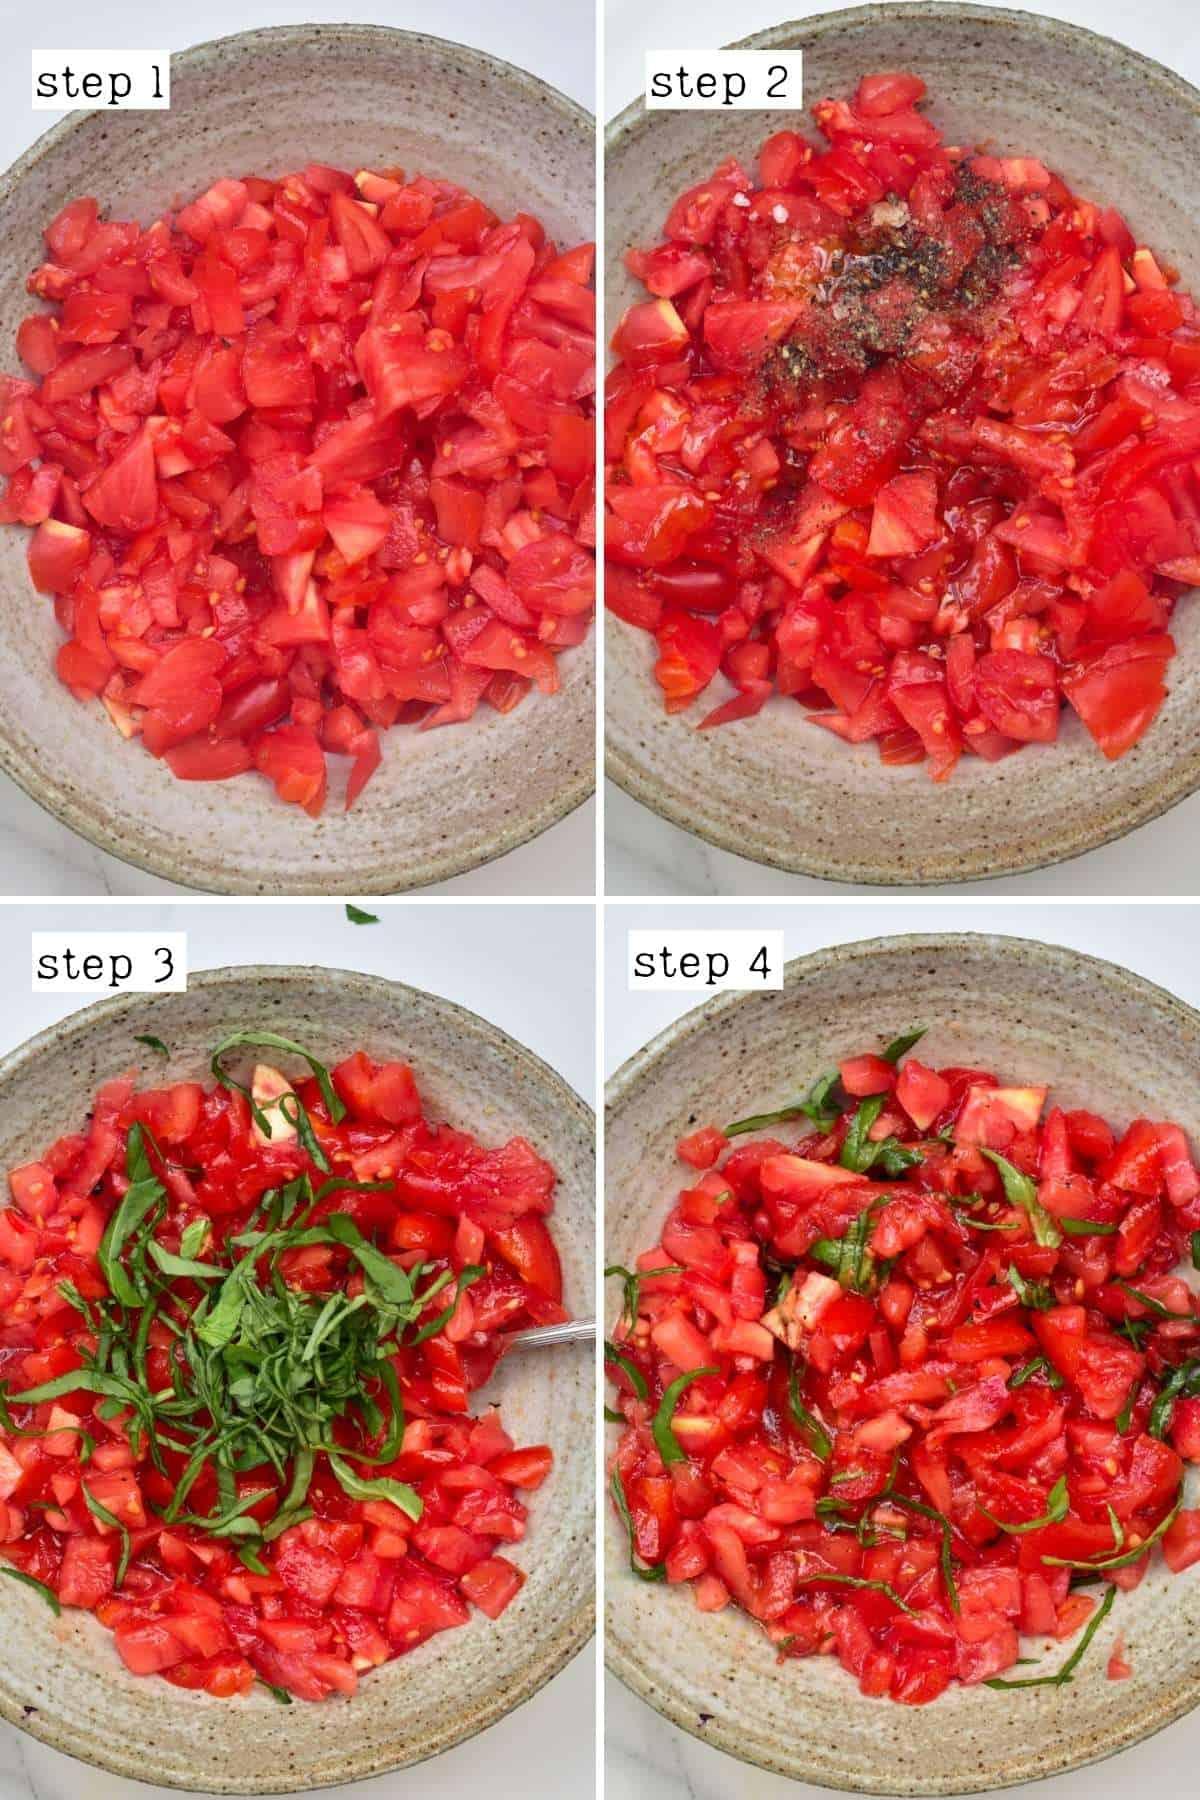 Steps for preparing tomato bruschetta